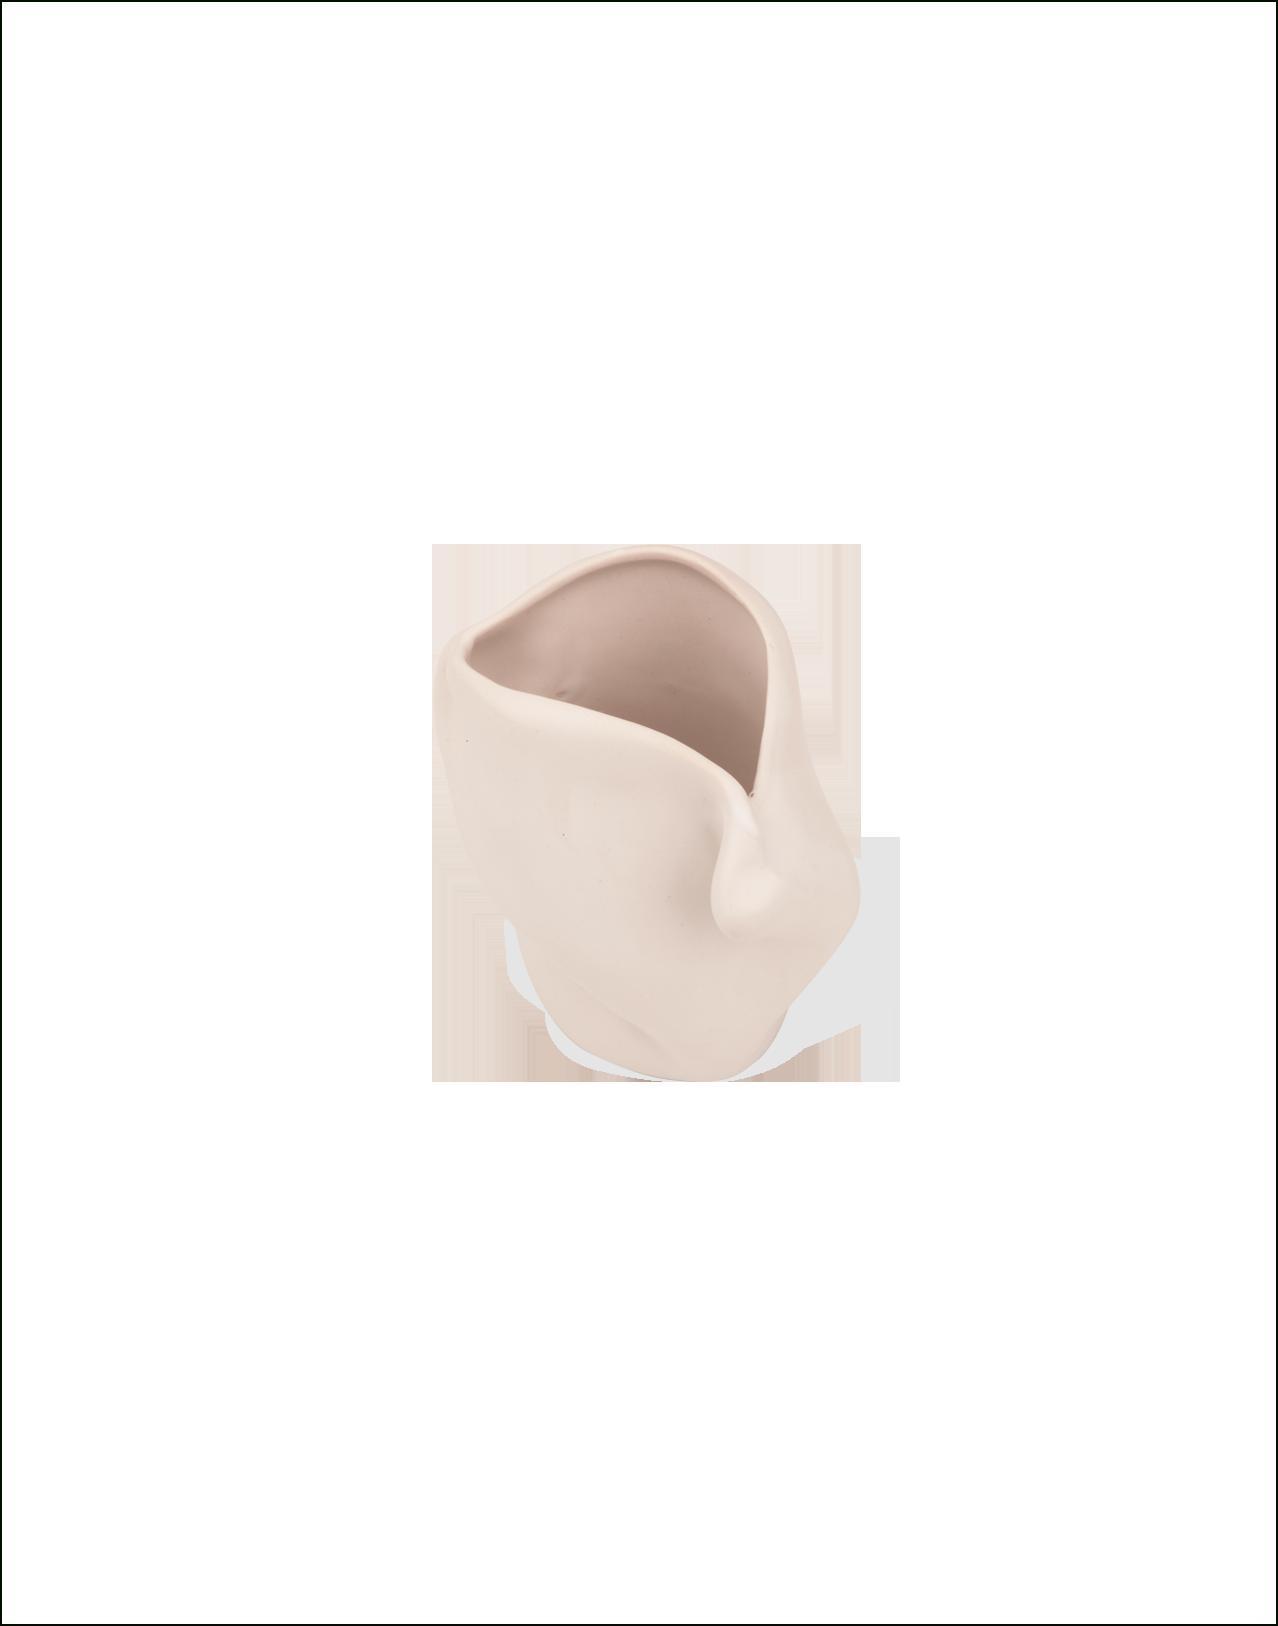 Completedworks-Ceramics-Object-5-3-1.png